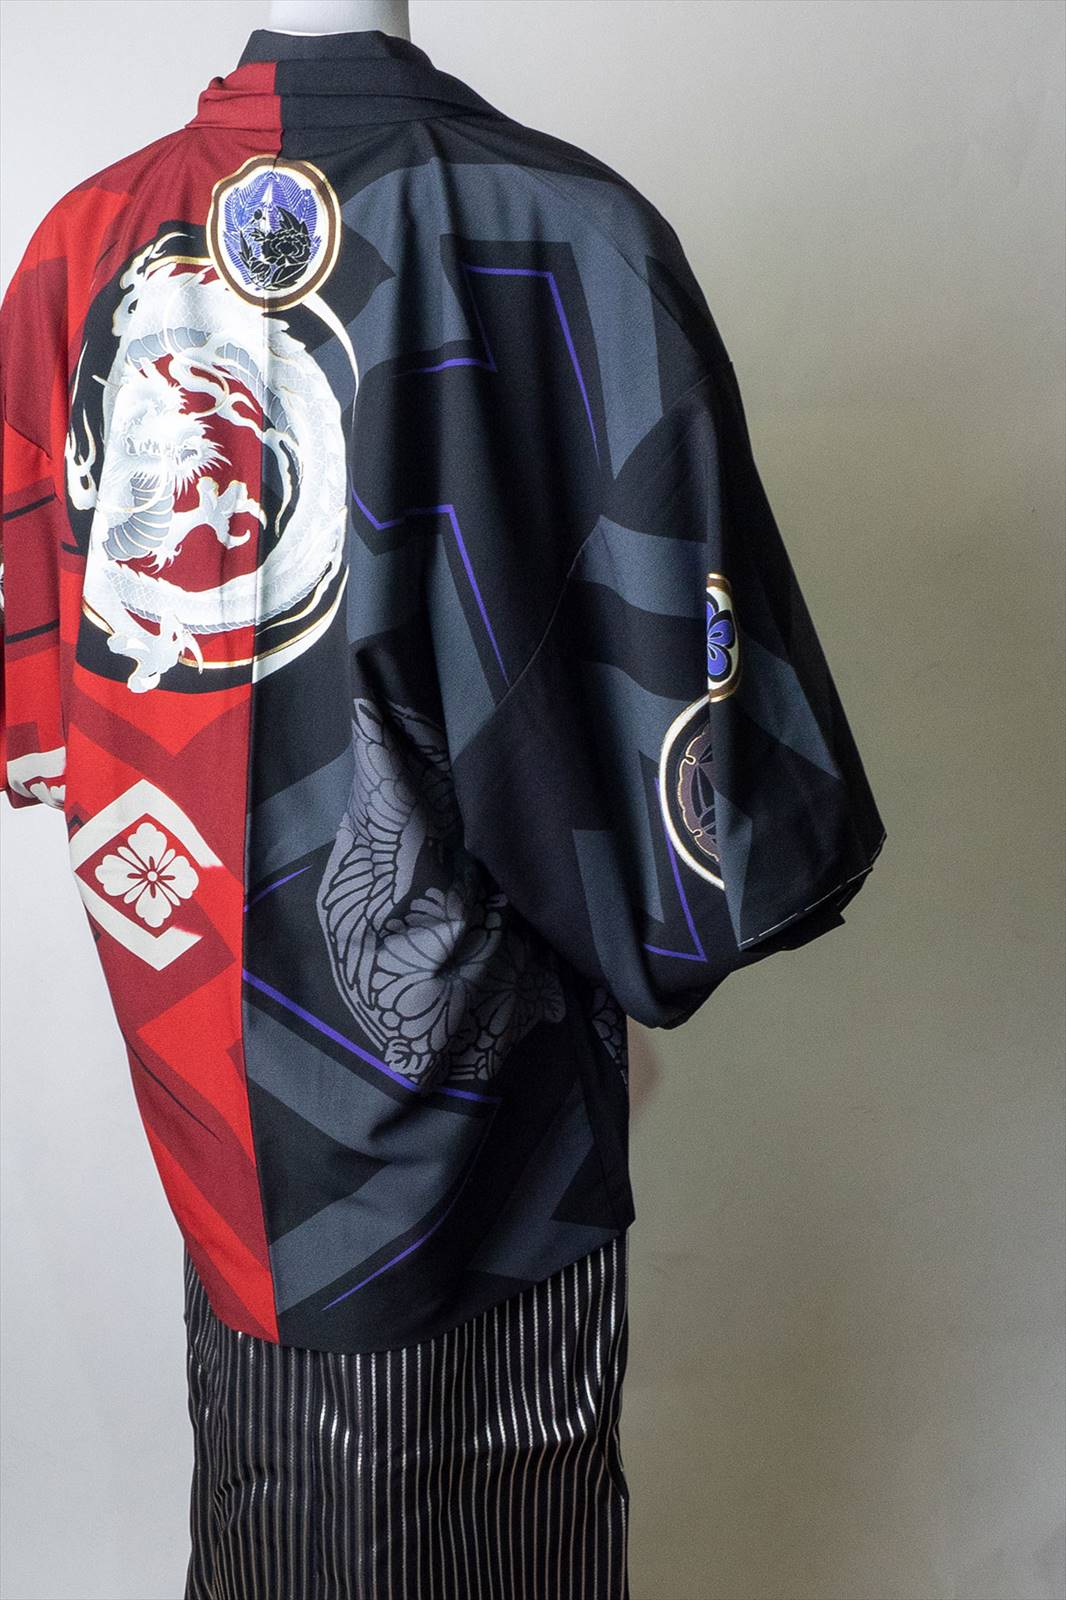  送料無料 【レンタル】【成人式】【対応身長160cm-170cm】男性用レンタル紋付き袴フルセット